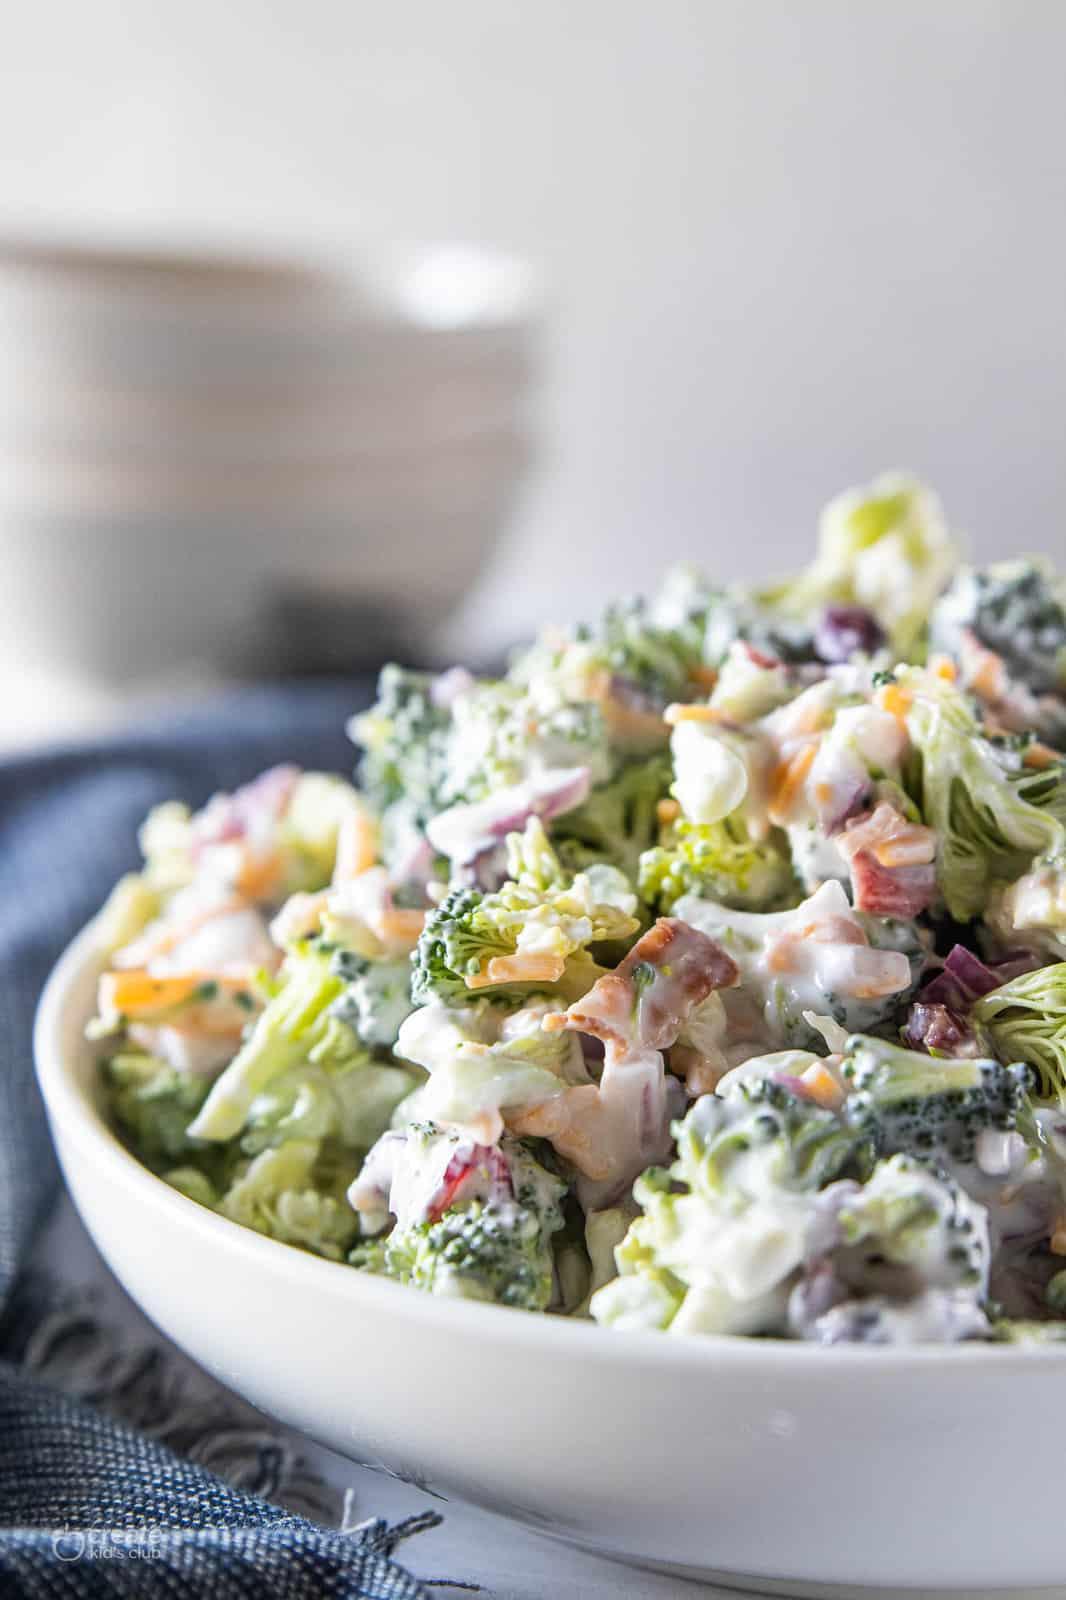 easy broccoli salad without mayo-06